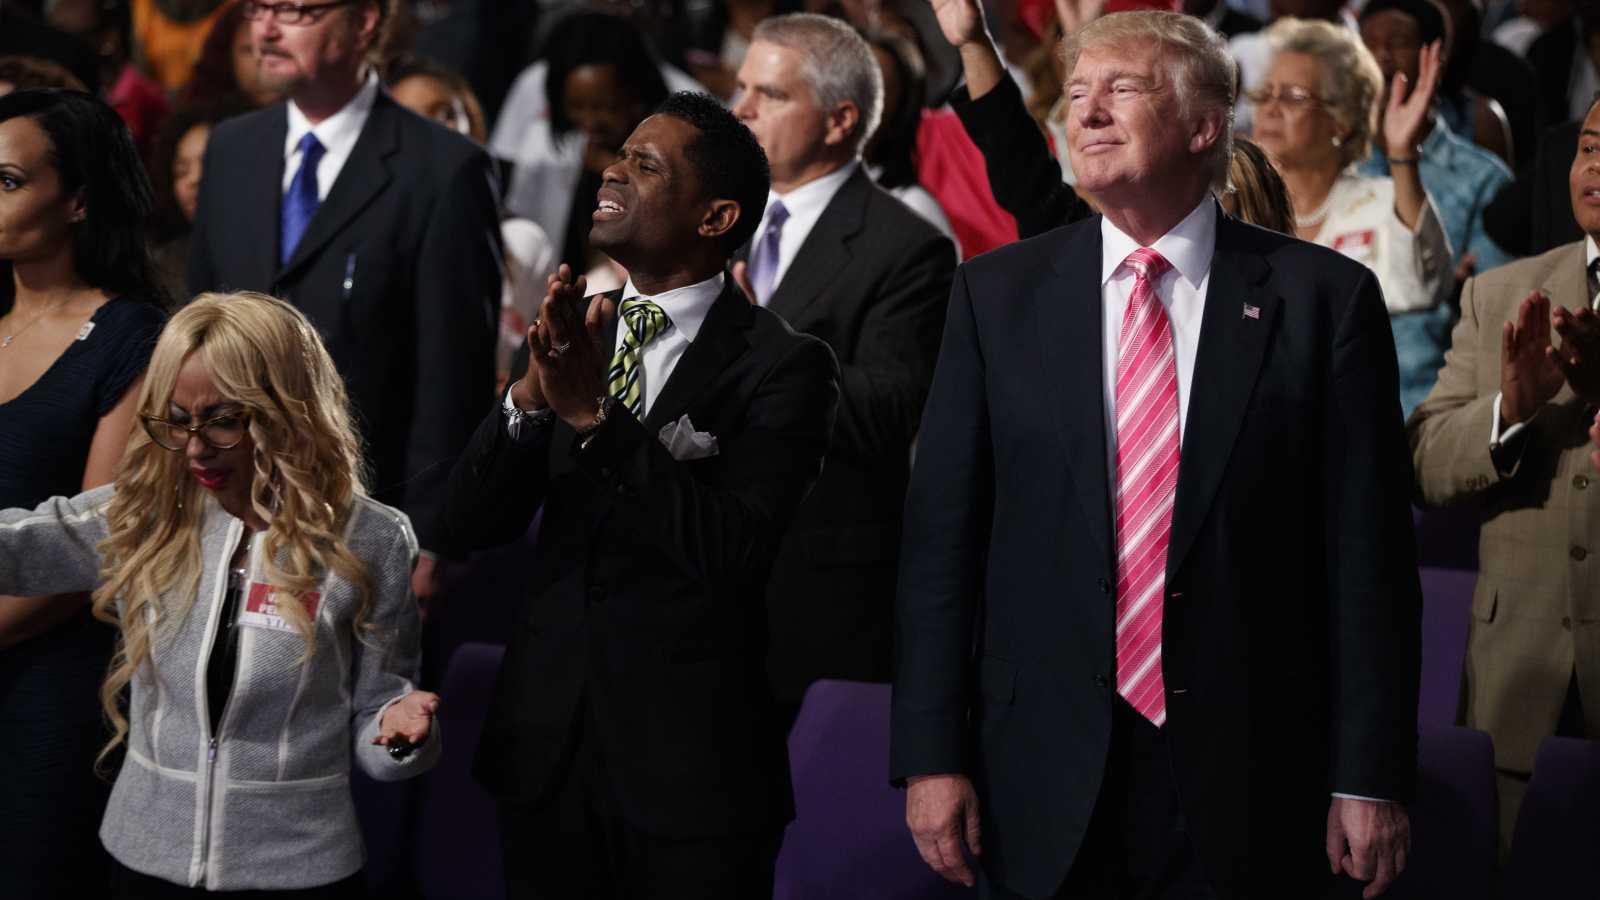 """""""Közel a messiási kor"""", """"Isten-faktor"""": Így értékelték zsidó és keresztény vezetők a választásokat"""